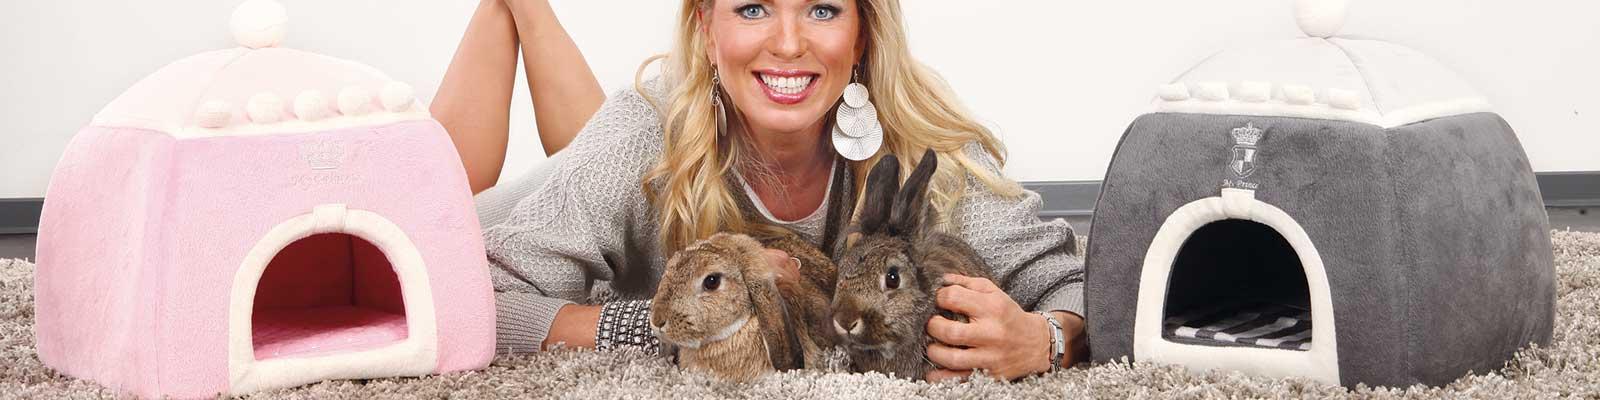 Maja Prinzessin von Hohenzollern Kollektion für Kleintiere und Nager, Bild 3